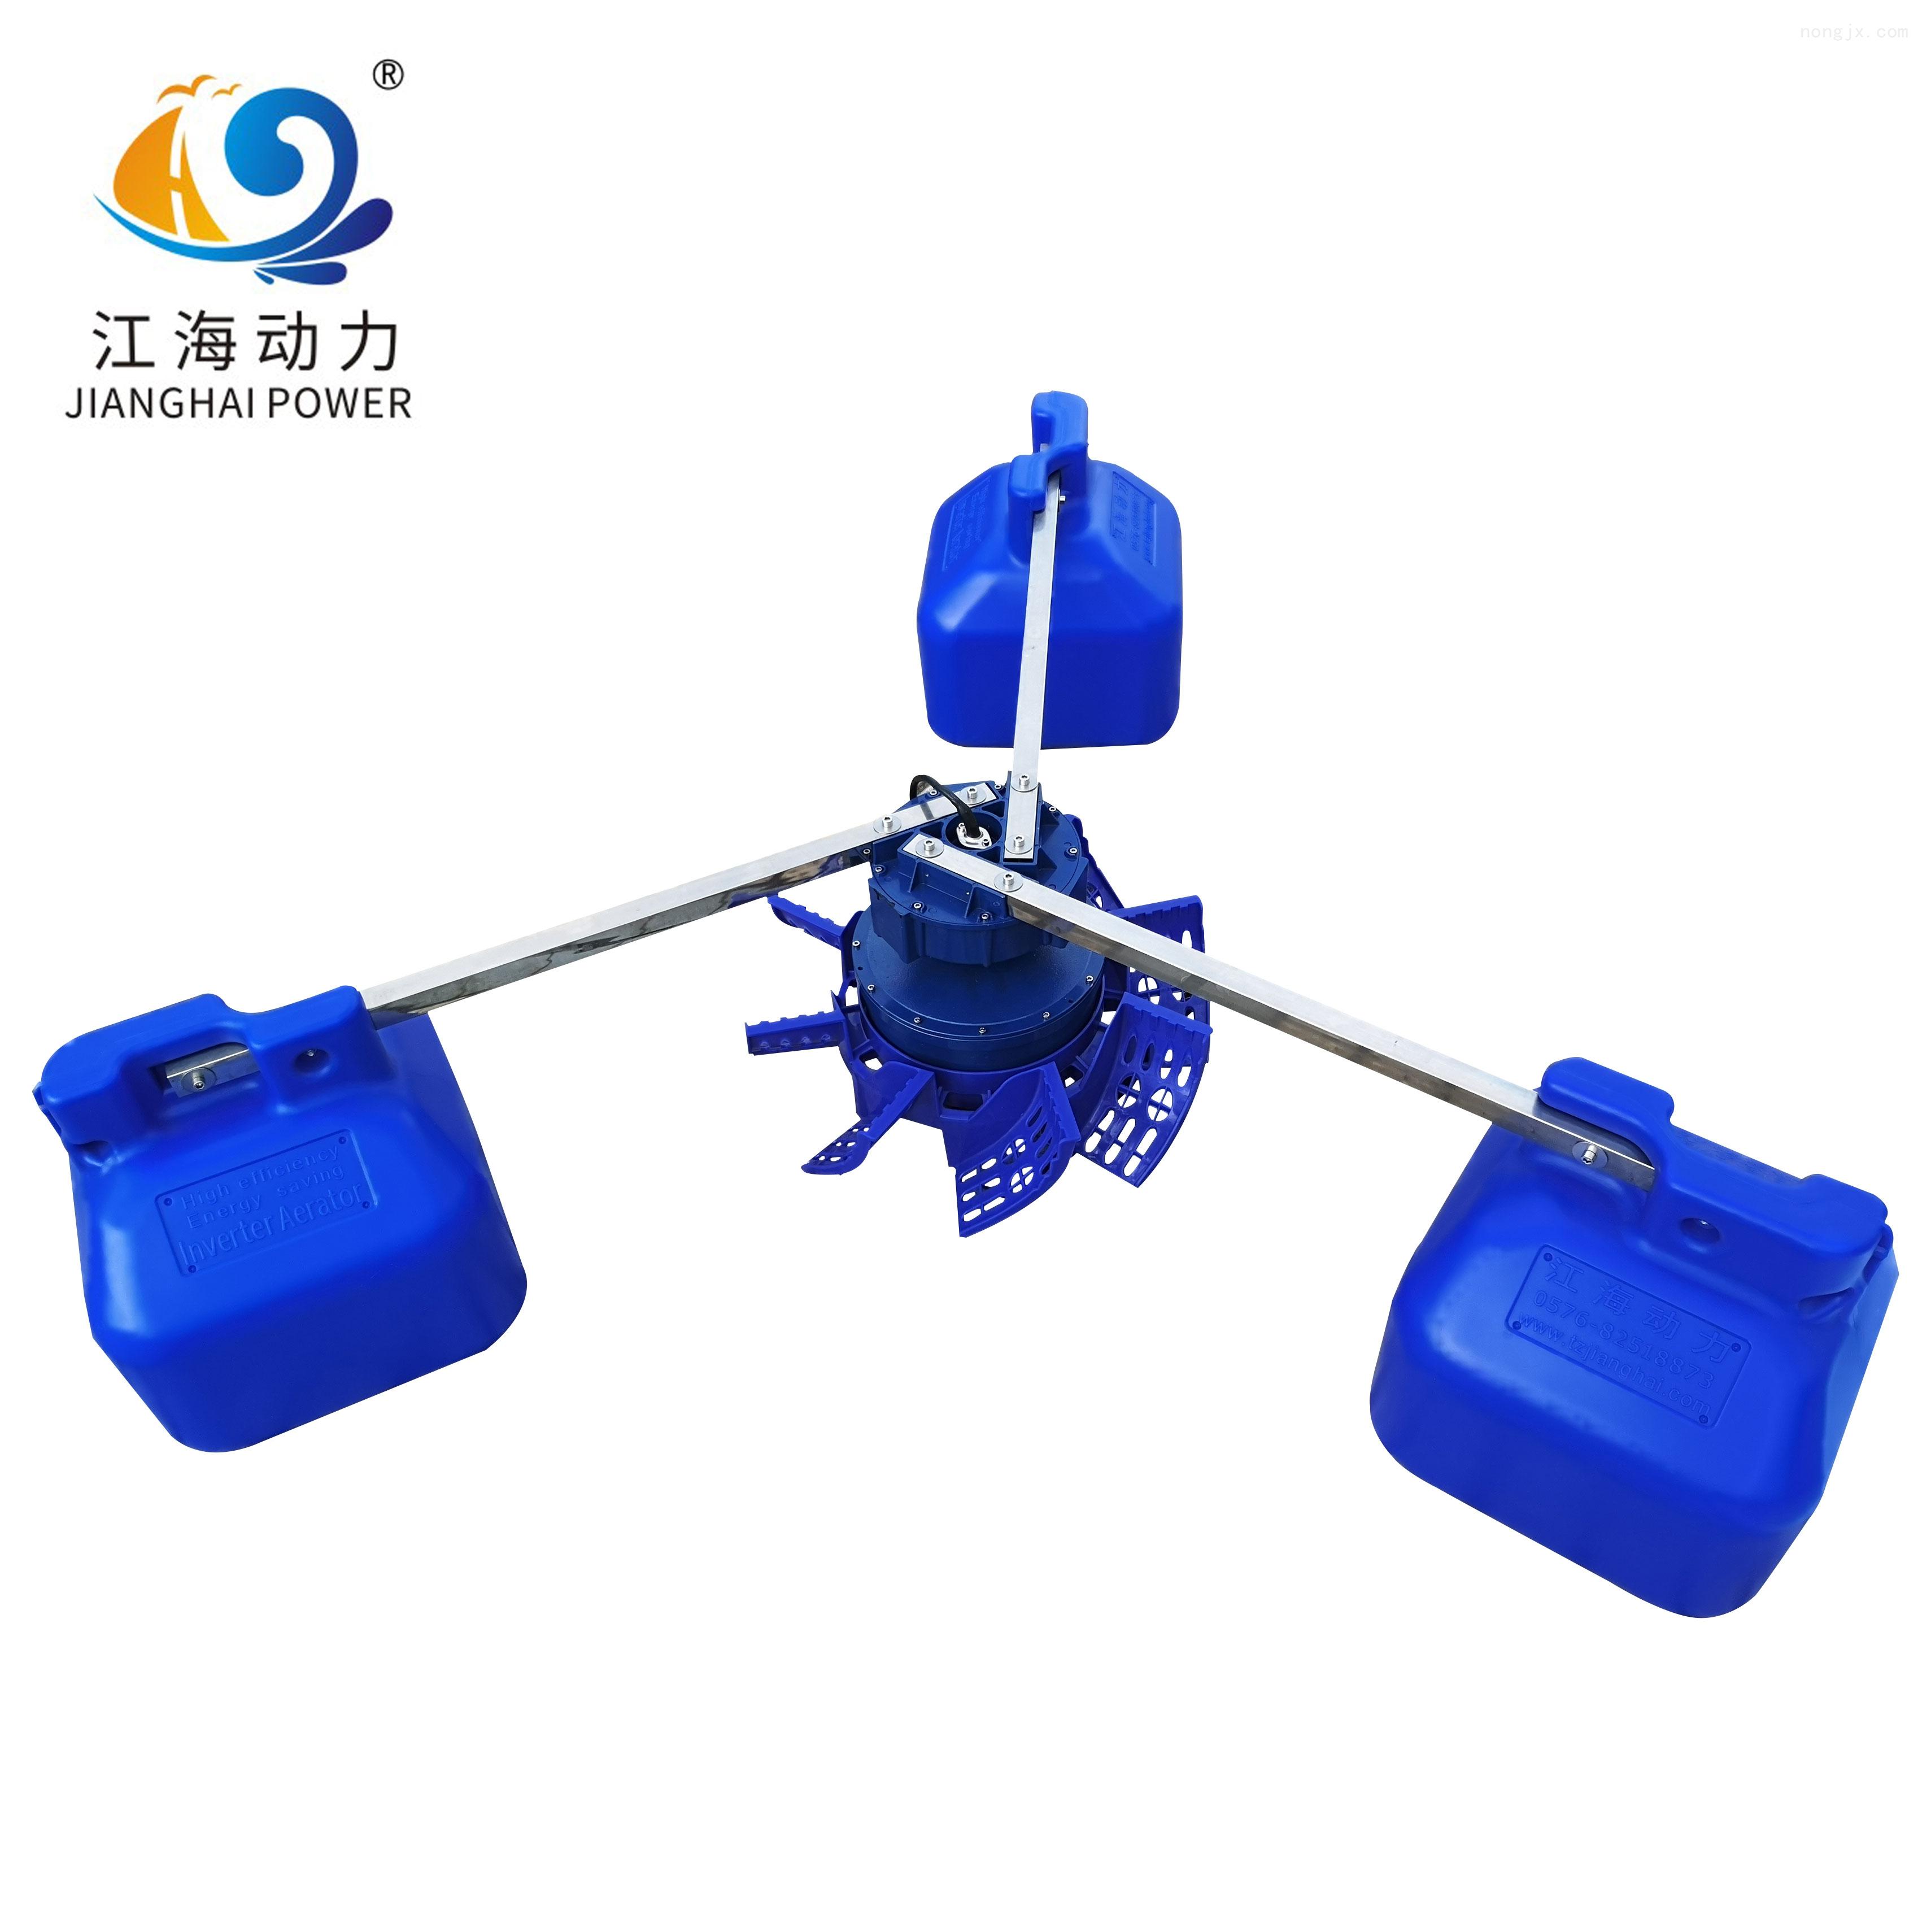 台州江海动力-永磁变频叶轮式增氧机